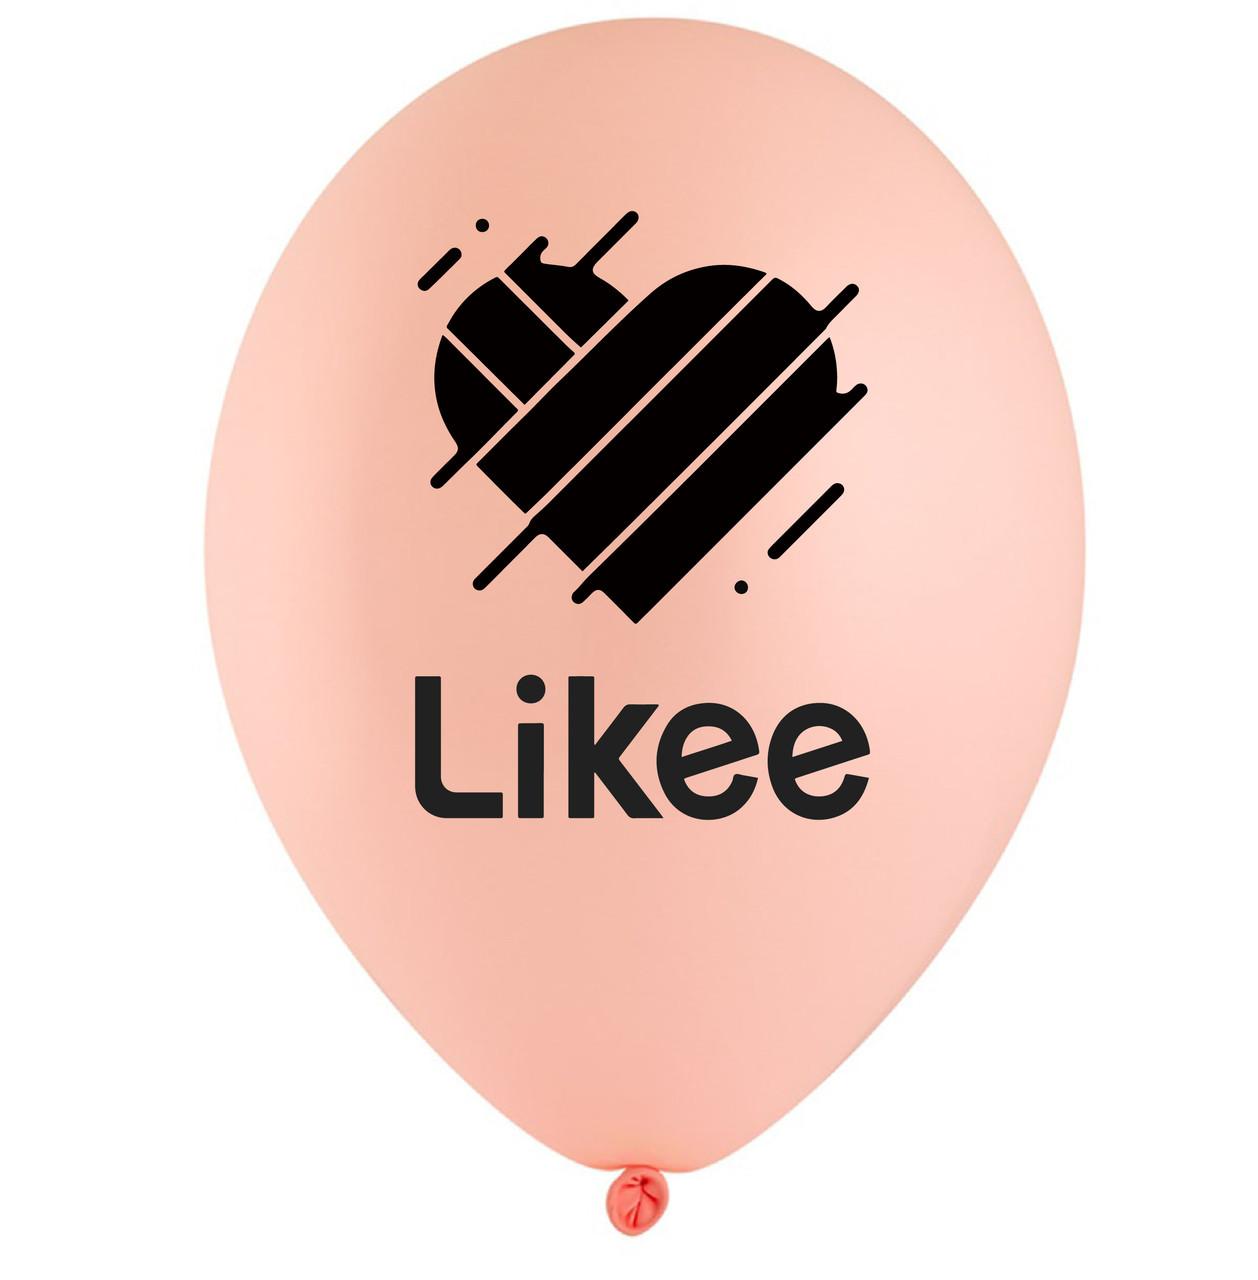 """Латексна кулька 12"""" ніжно-рожева з чорним двосторонім малюнком """"Likee"""" (BelBal)"""